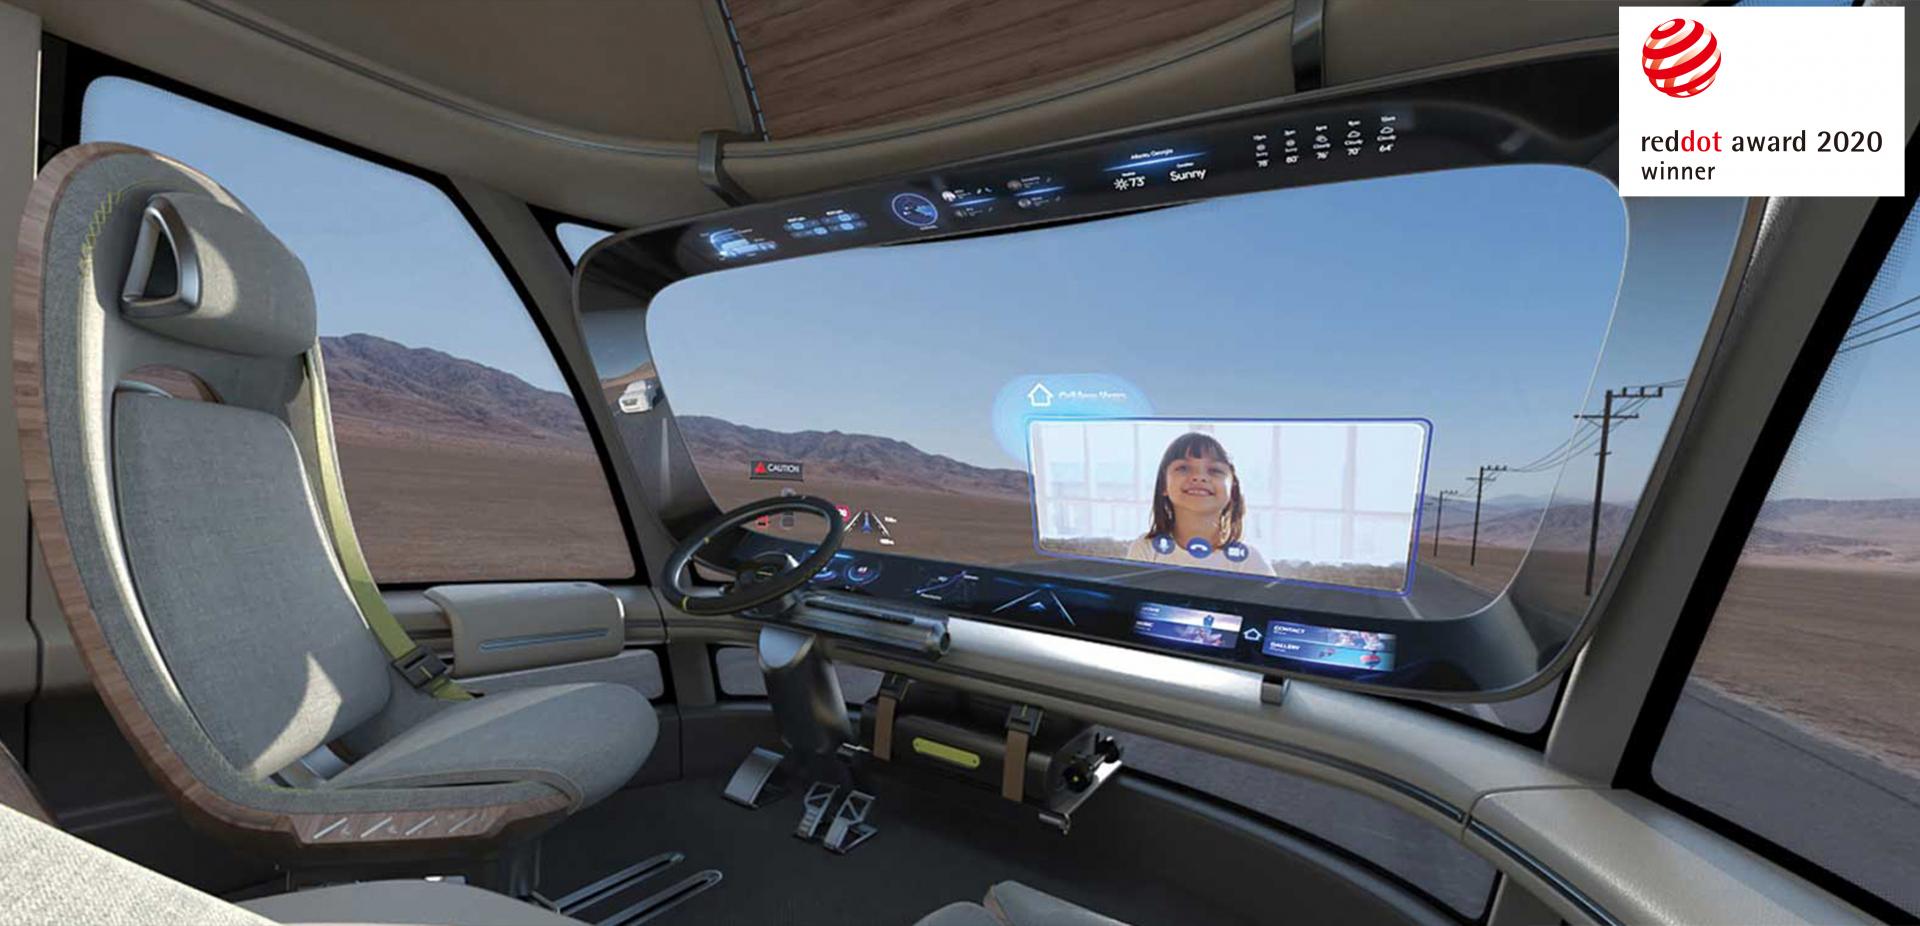 Компанія Hyundai Motor отримала три нагороди Red Dot Award 2020 за концептуальний дизайн   ТОВ «Хюндай Центр Полтава» - фото 12